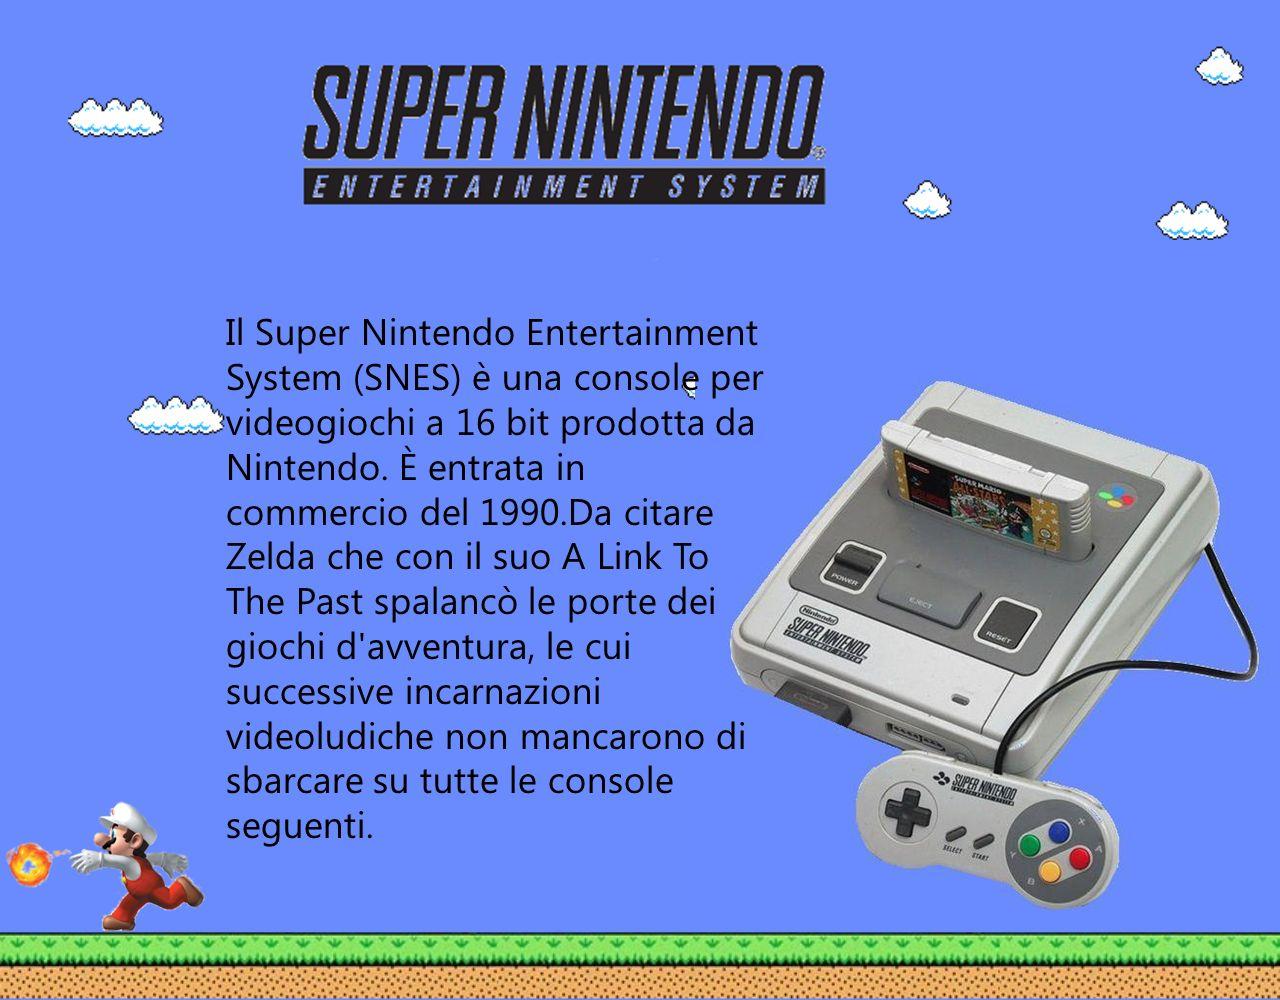 Il Super Nintendo Entertainment System (SNES) è una console per videogiochi a 16 bit prodotta da Nintendo.